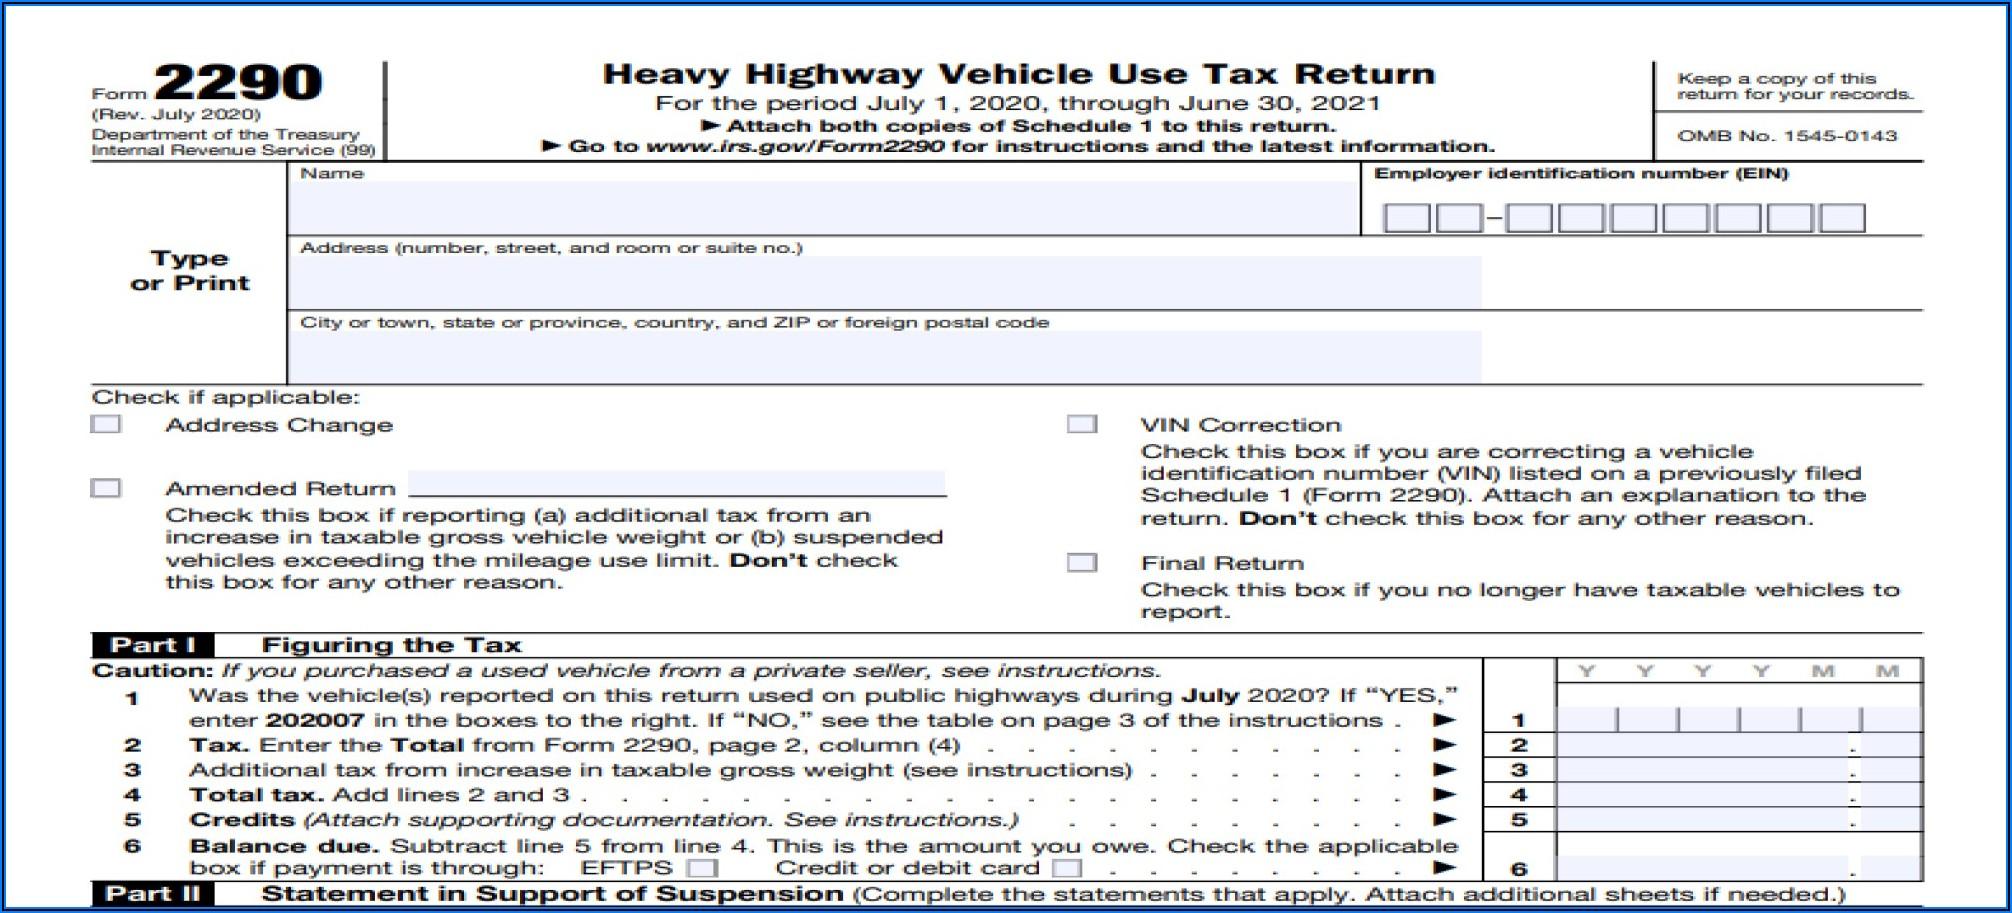 Irs Tax Form 2290 Online